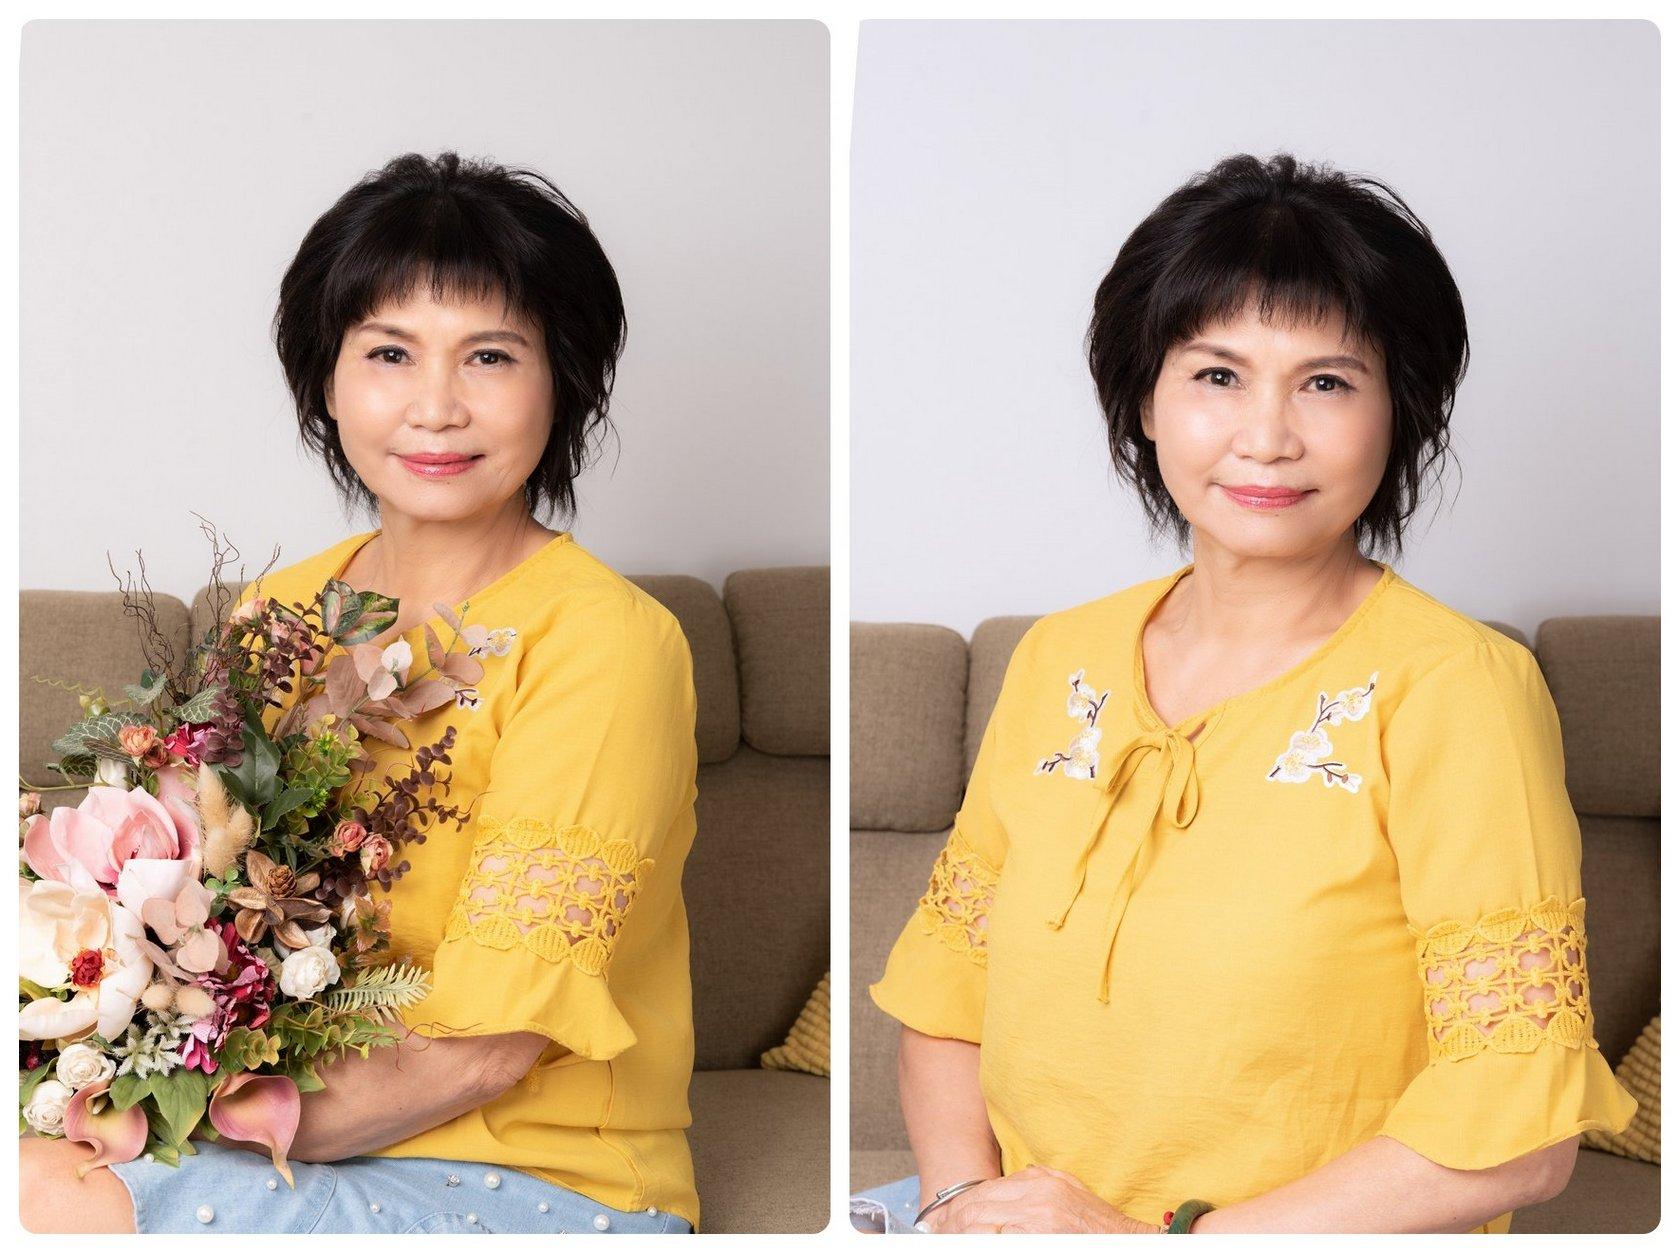 媽媽妝髮 髮型與彩妝造型設計 時尚妝容最美麗的主婚人